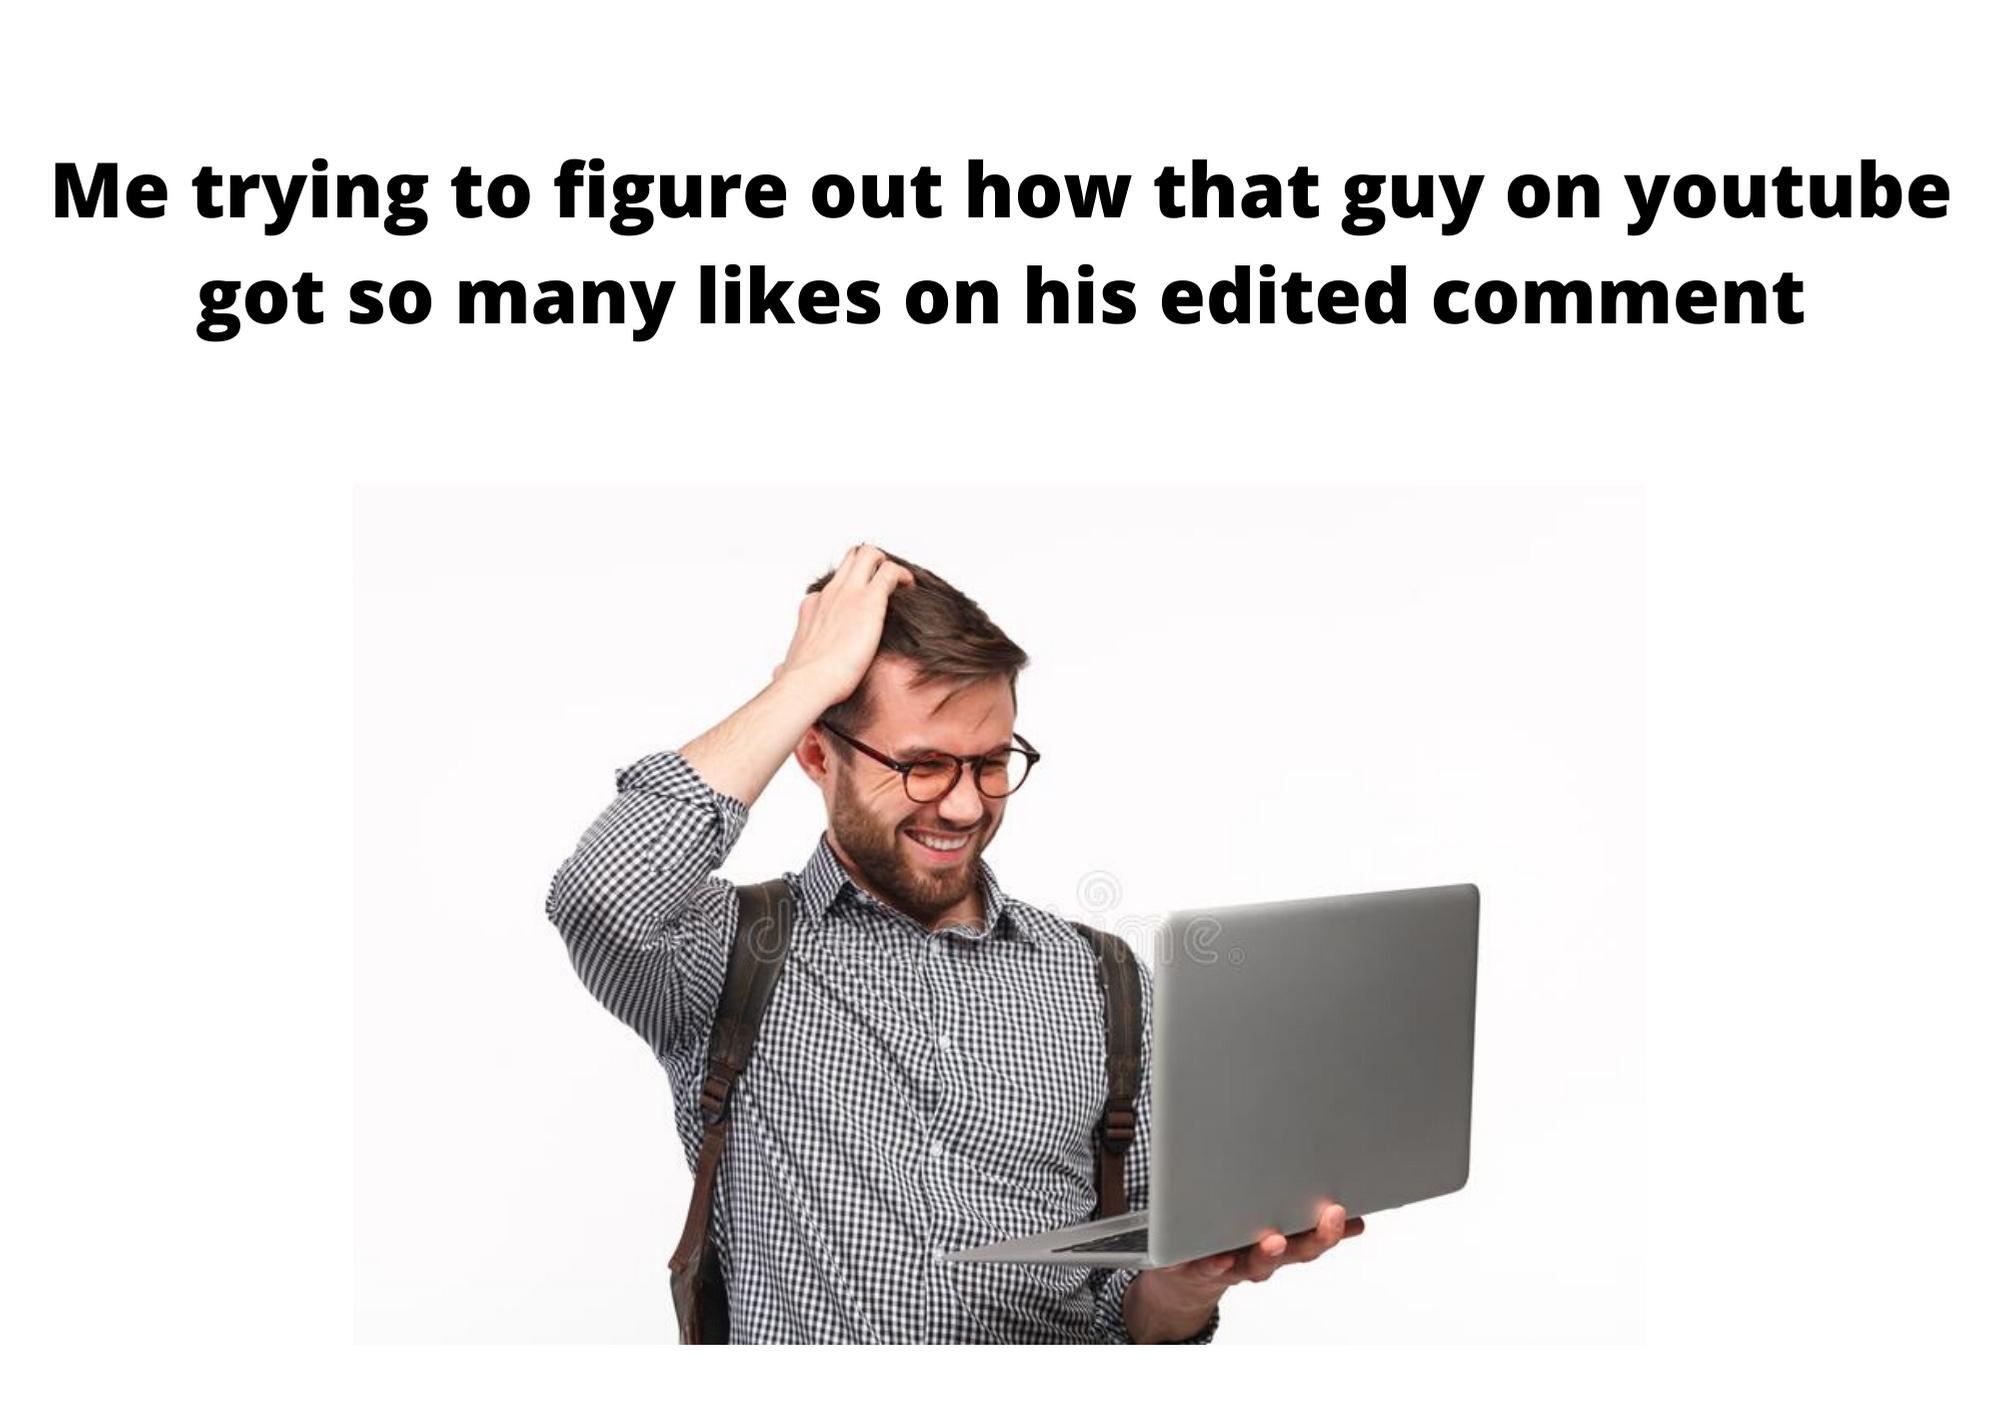 i did the same lol  - meme